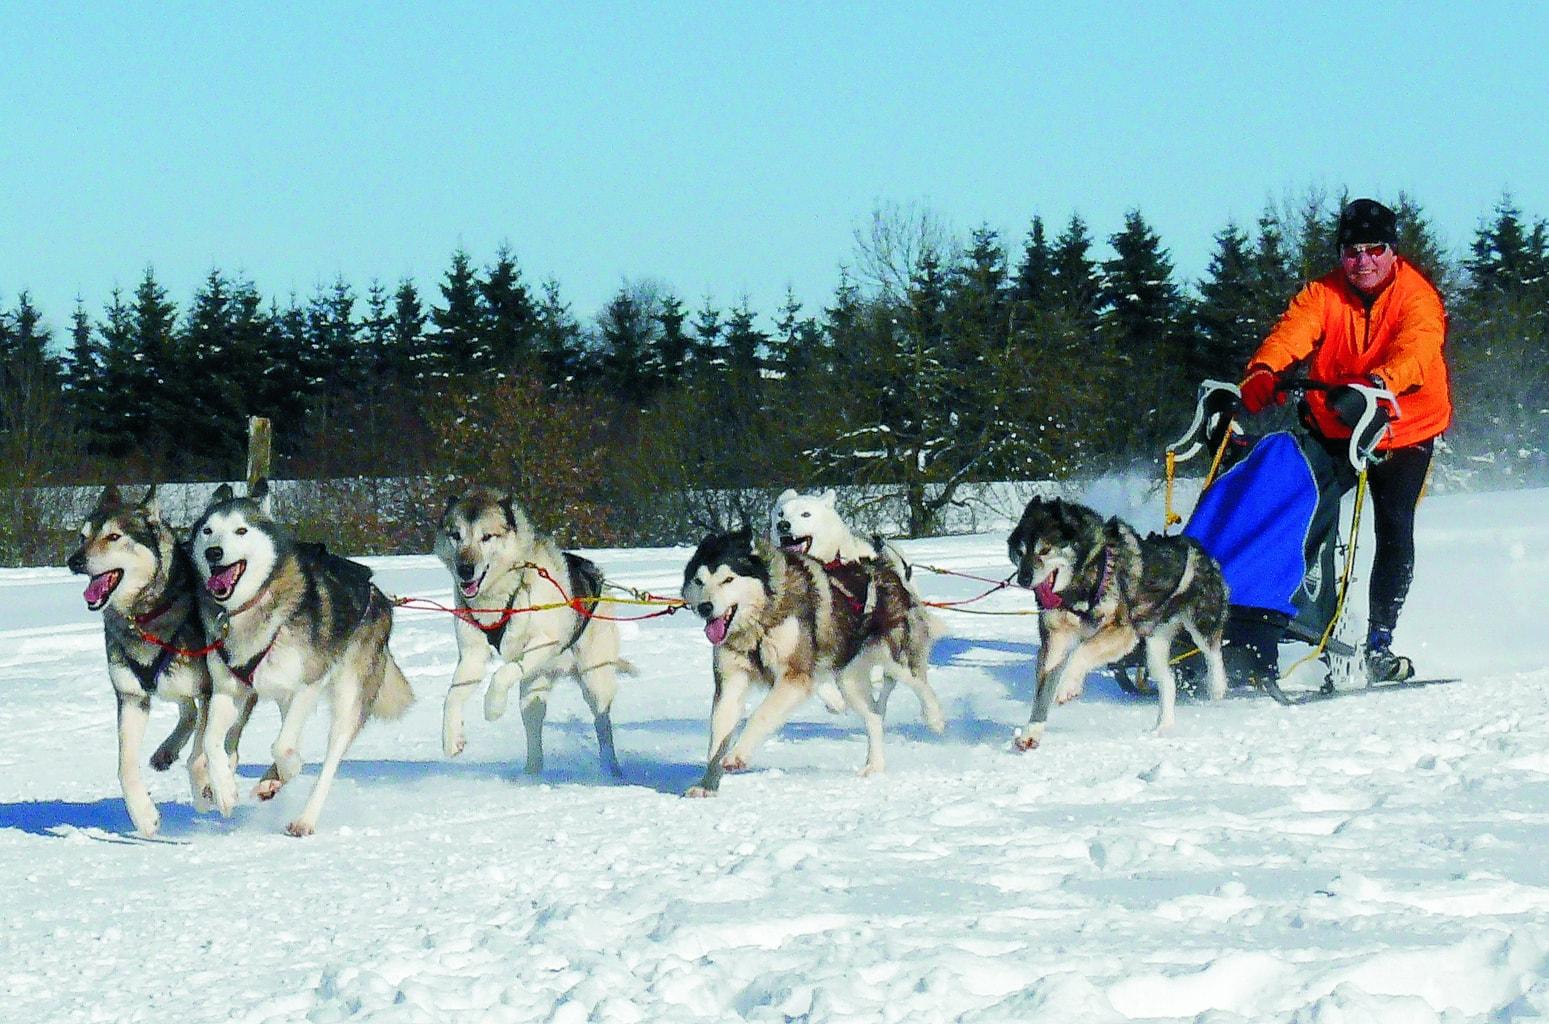 Sledehonden tijdens een race in de winter van Ilmenau in Thüringen